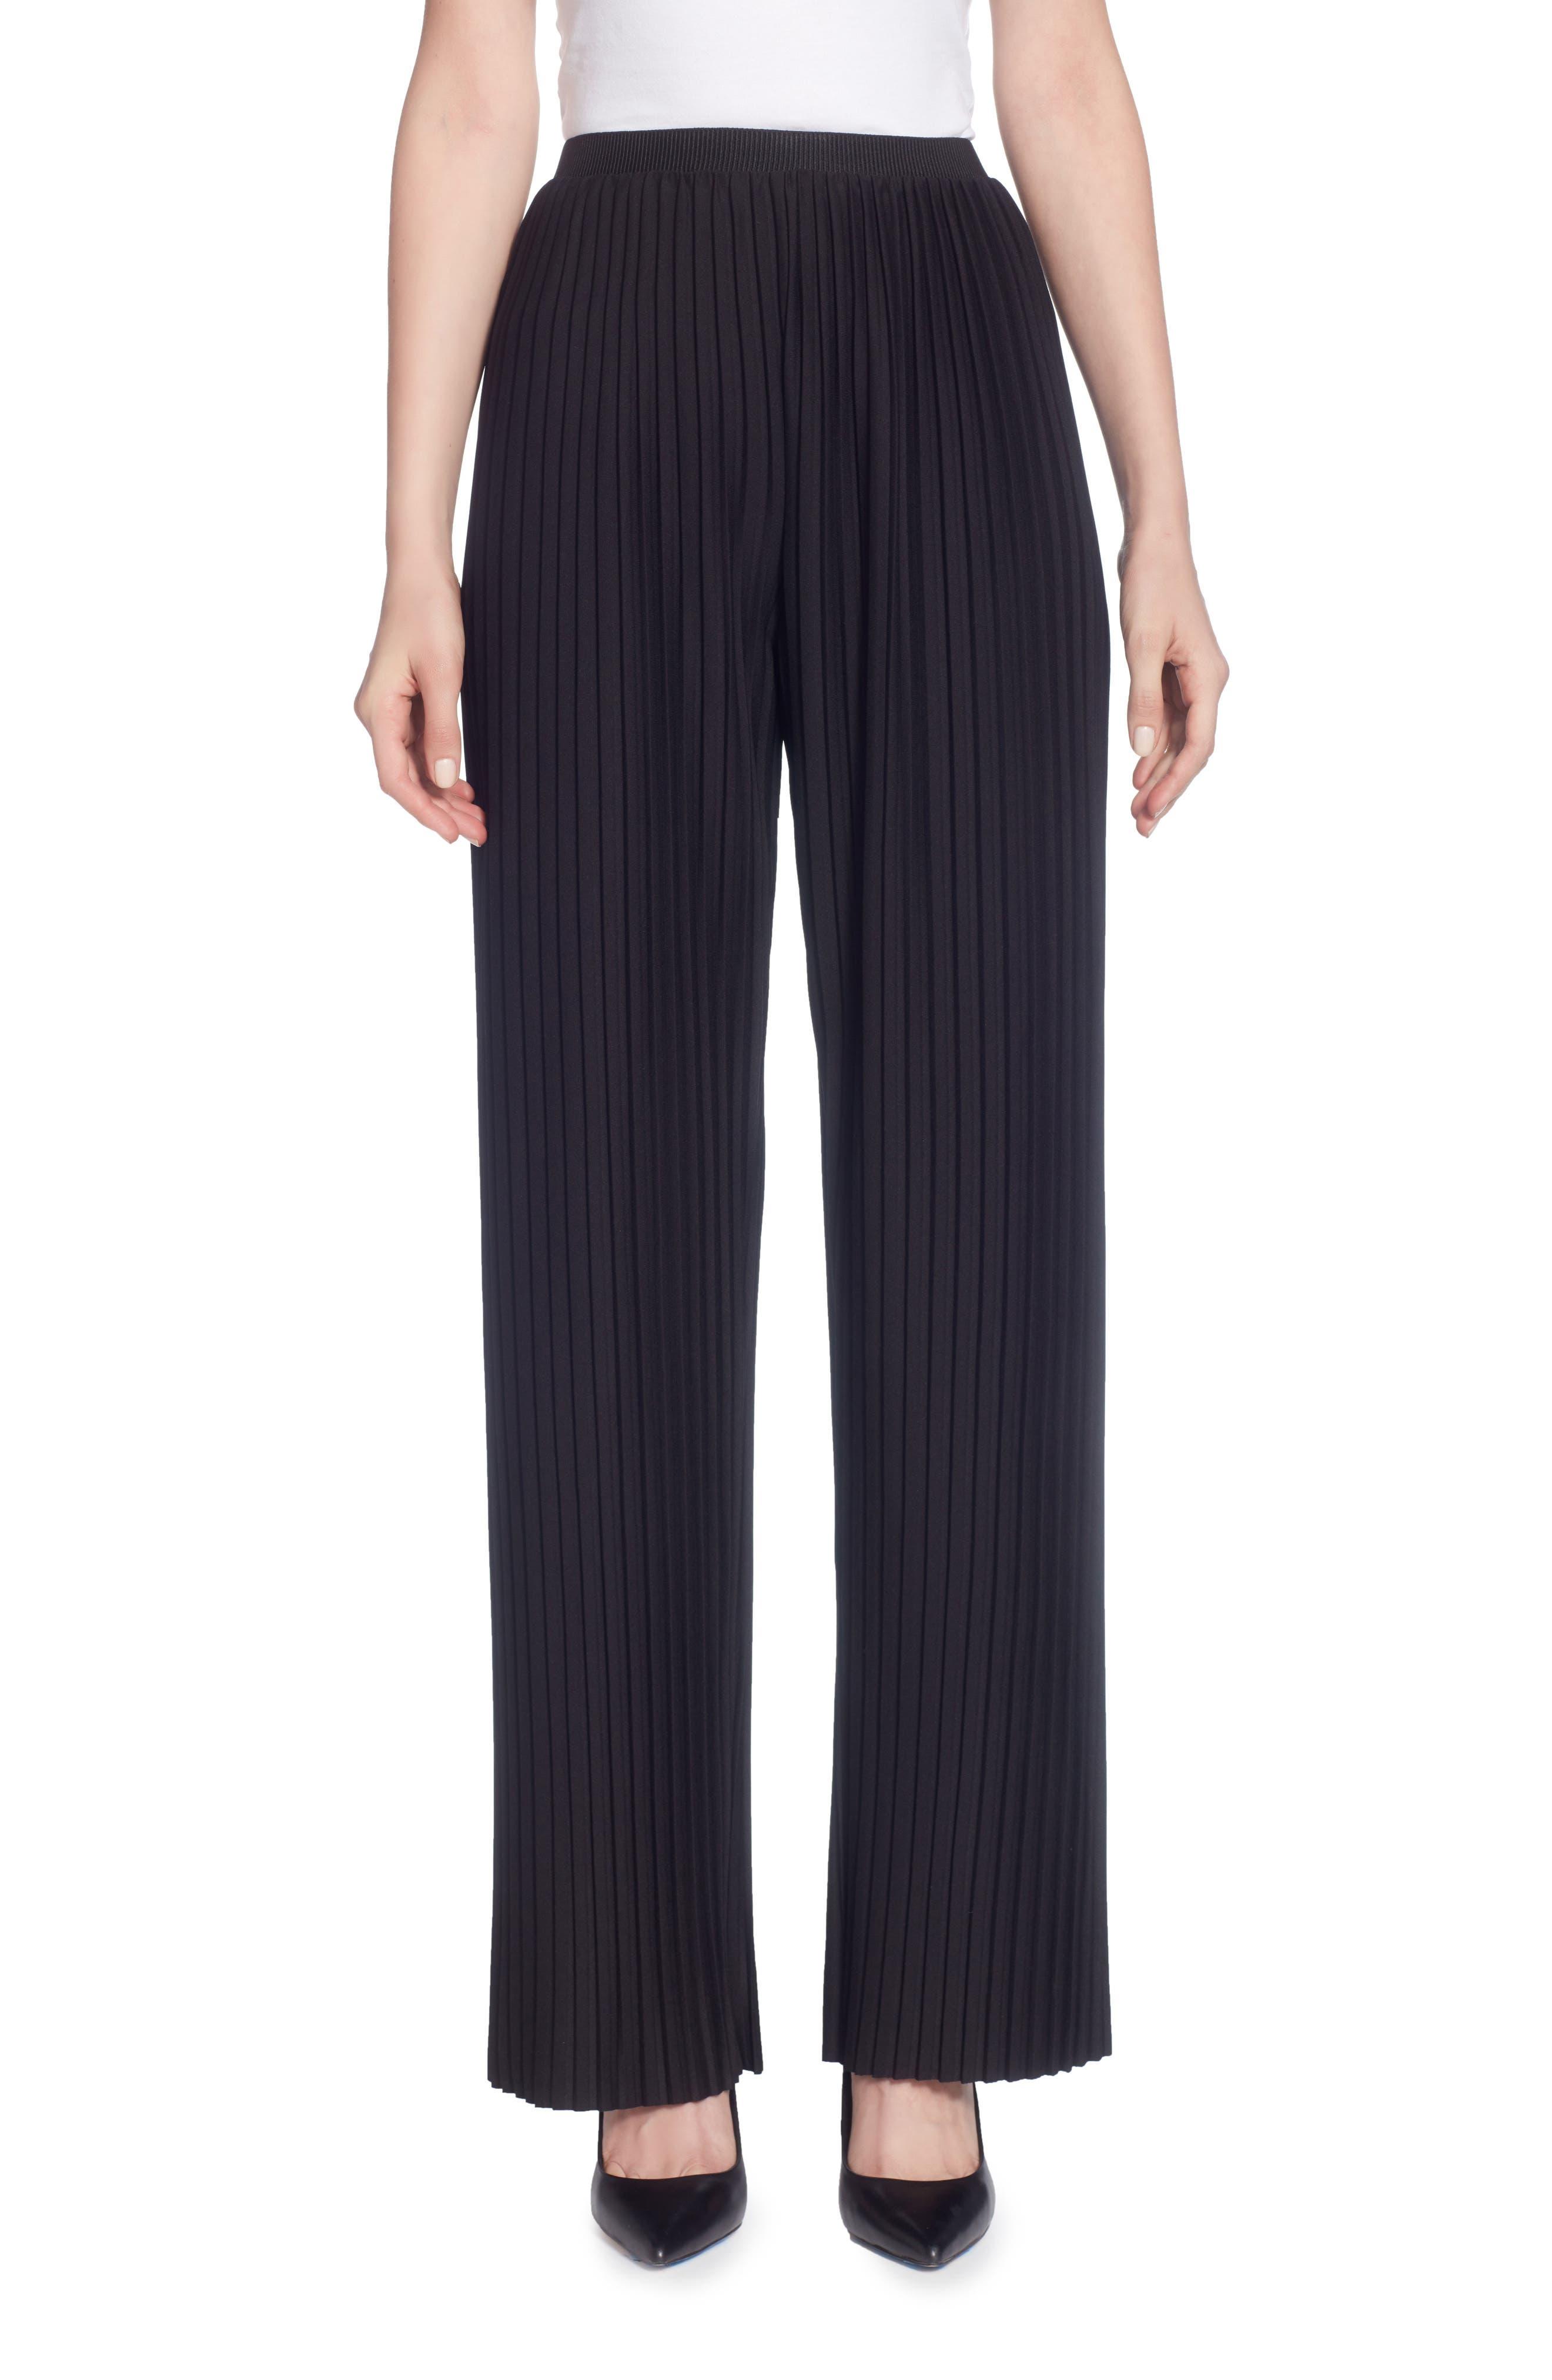 Nielson Pleat Pants,                         Main,                         color, Black